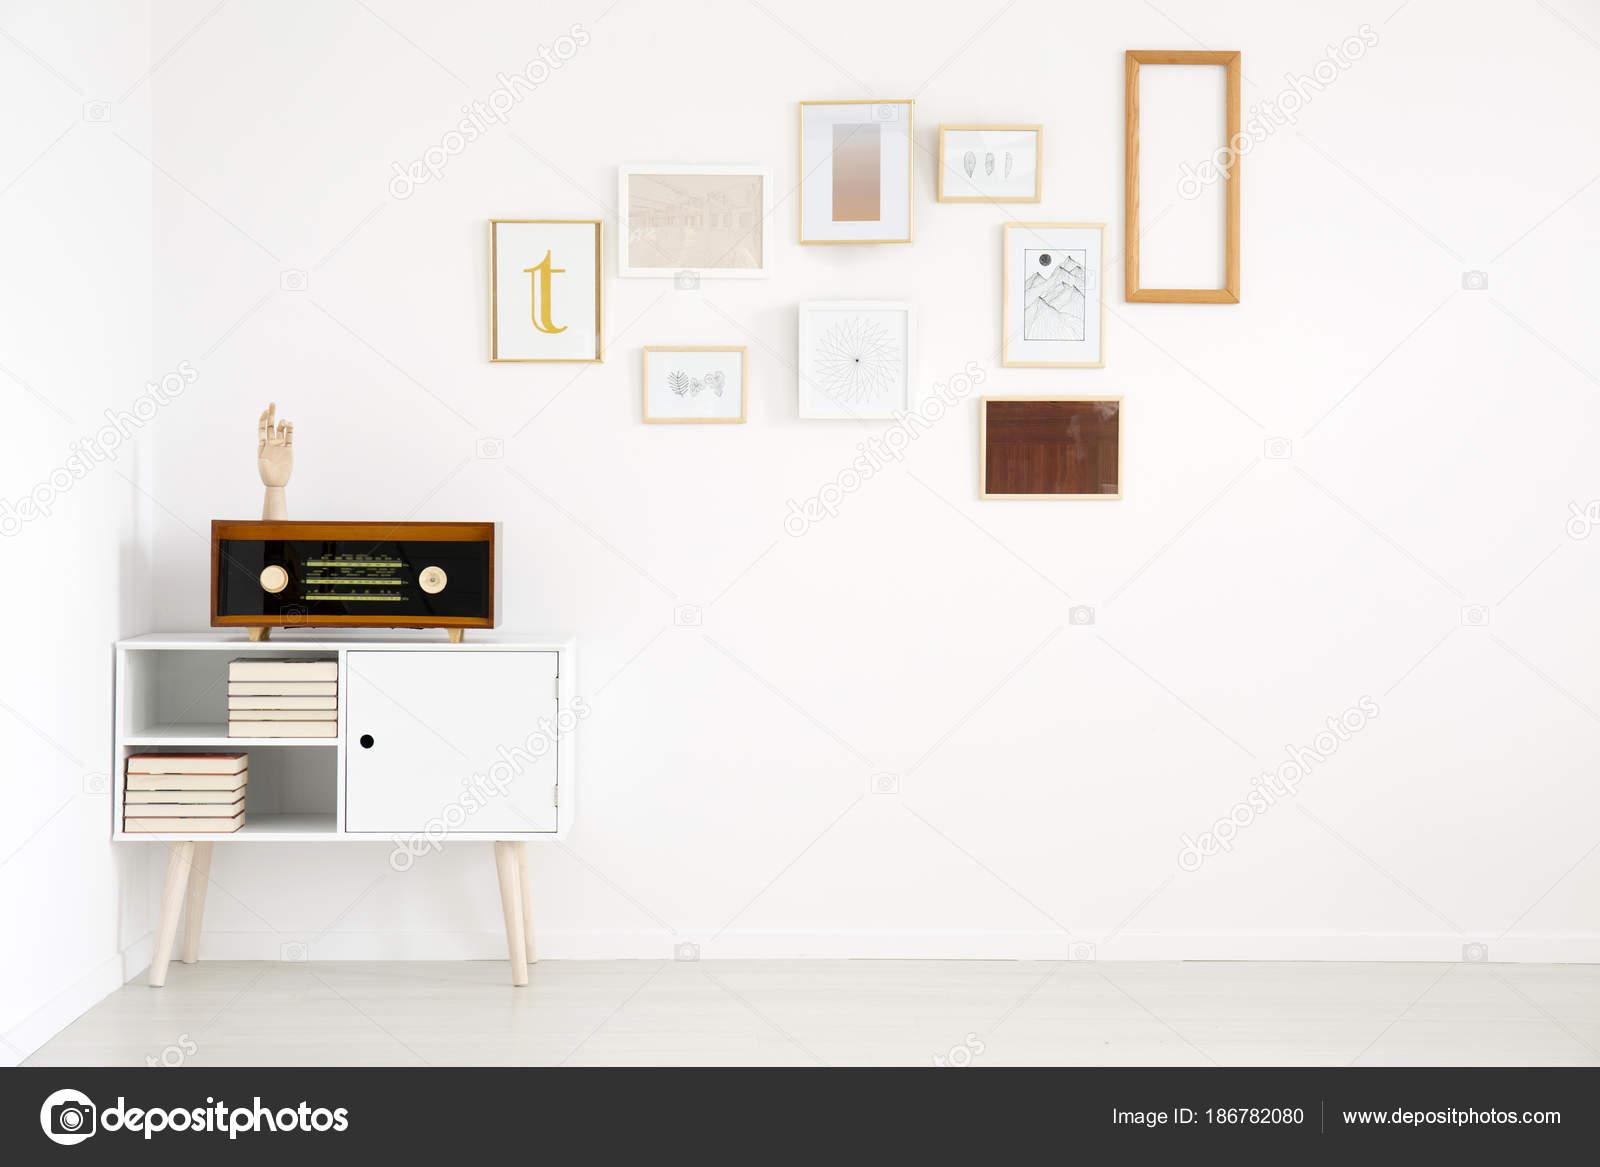 Minimalismus im wohnzimmer interieur u stockfoto photographee eu